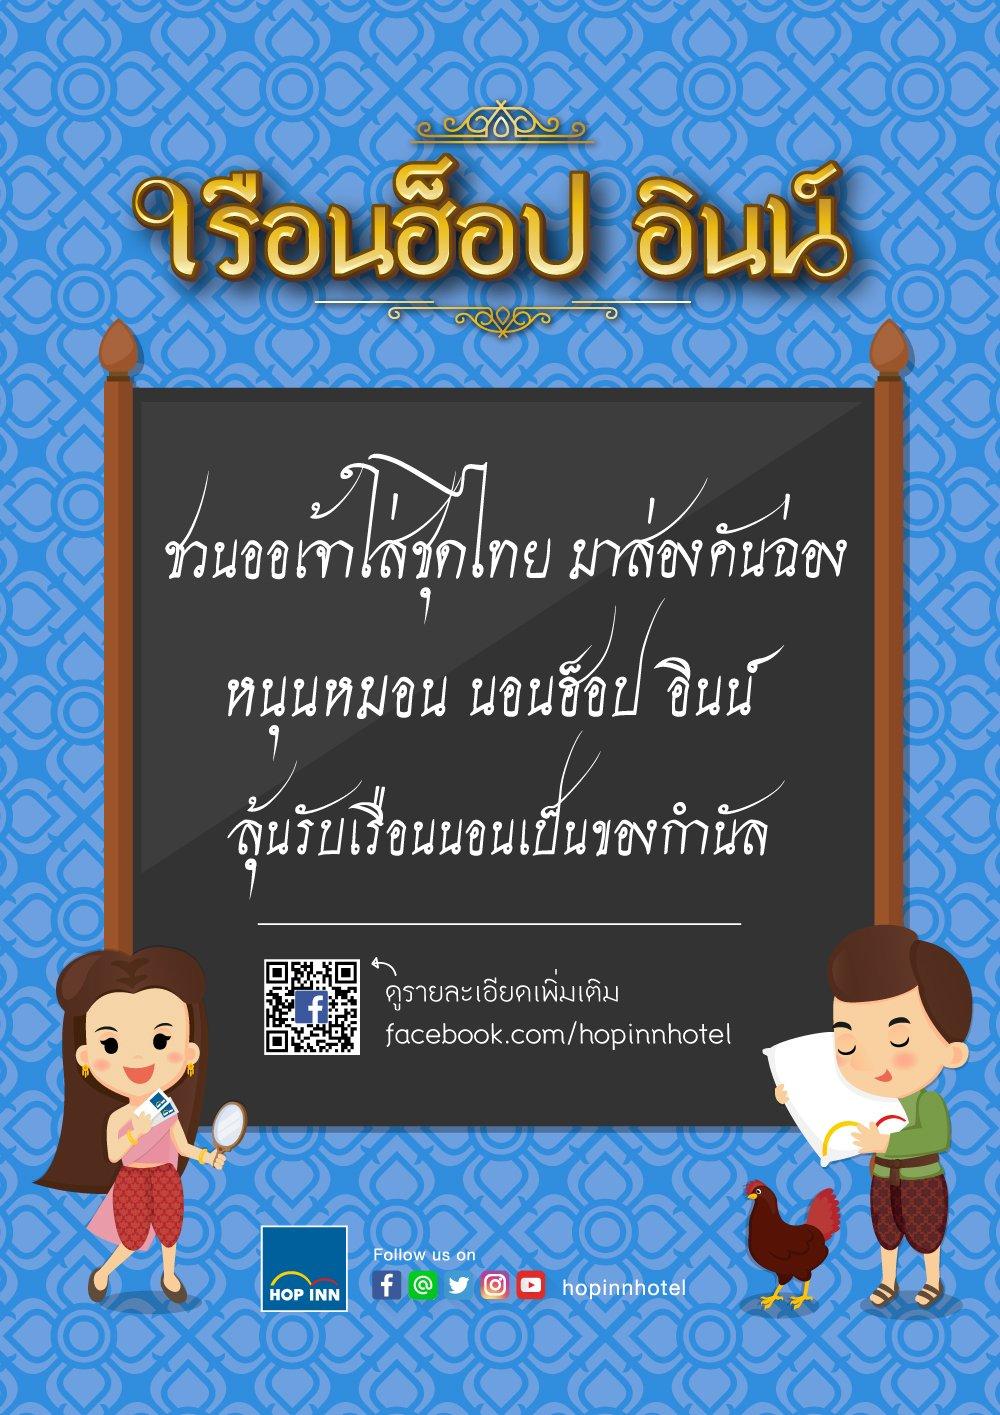 แต่งชุดไทยถ่ายภาพที่โรงแรมฮ็อป อินน์ ลุ้นห้องพักฟรี!! 2 -